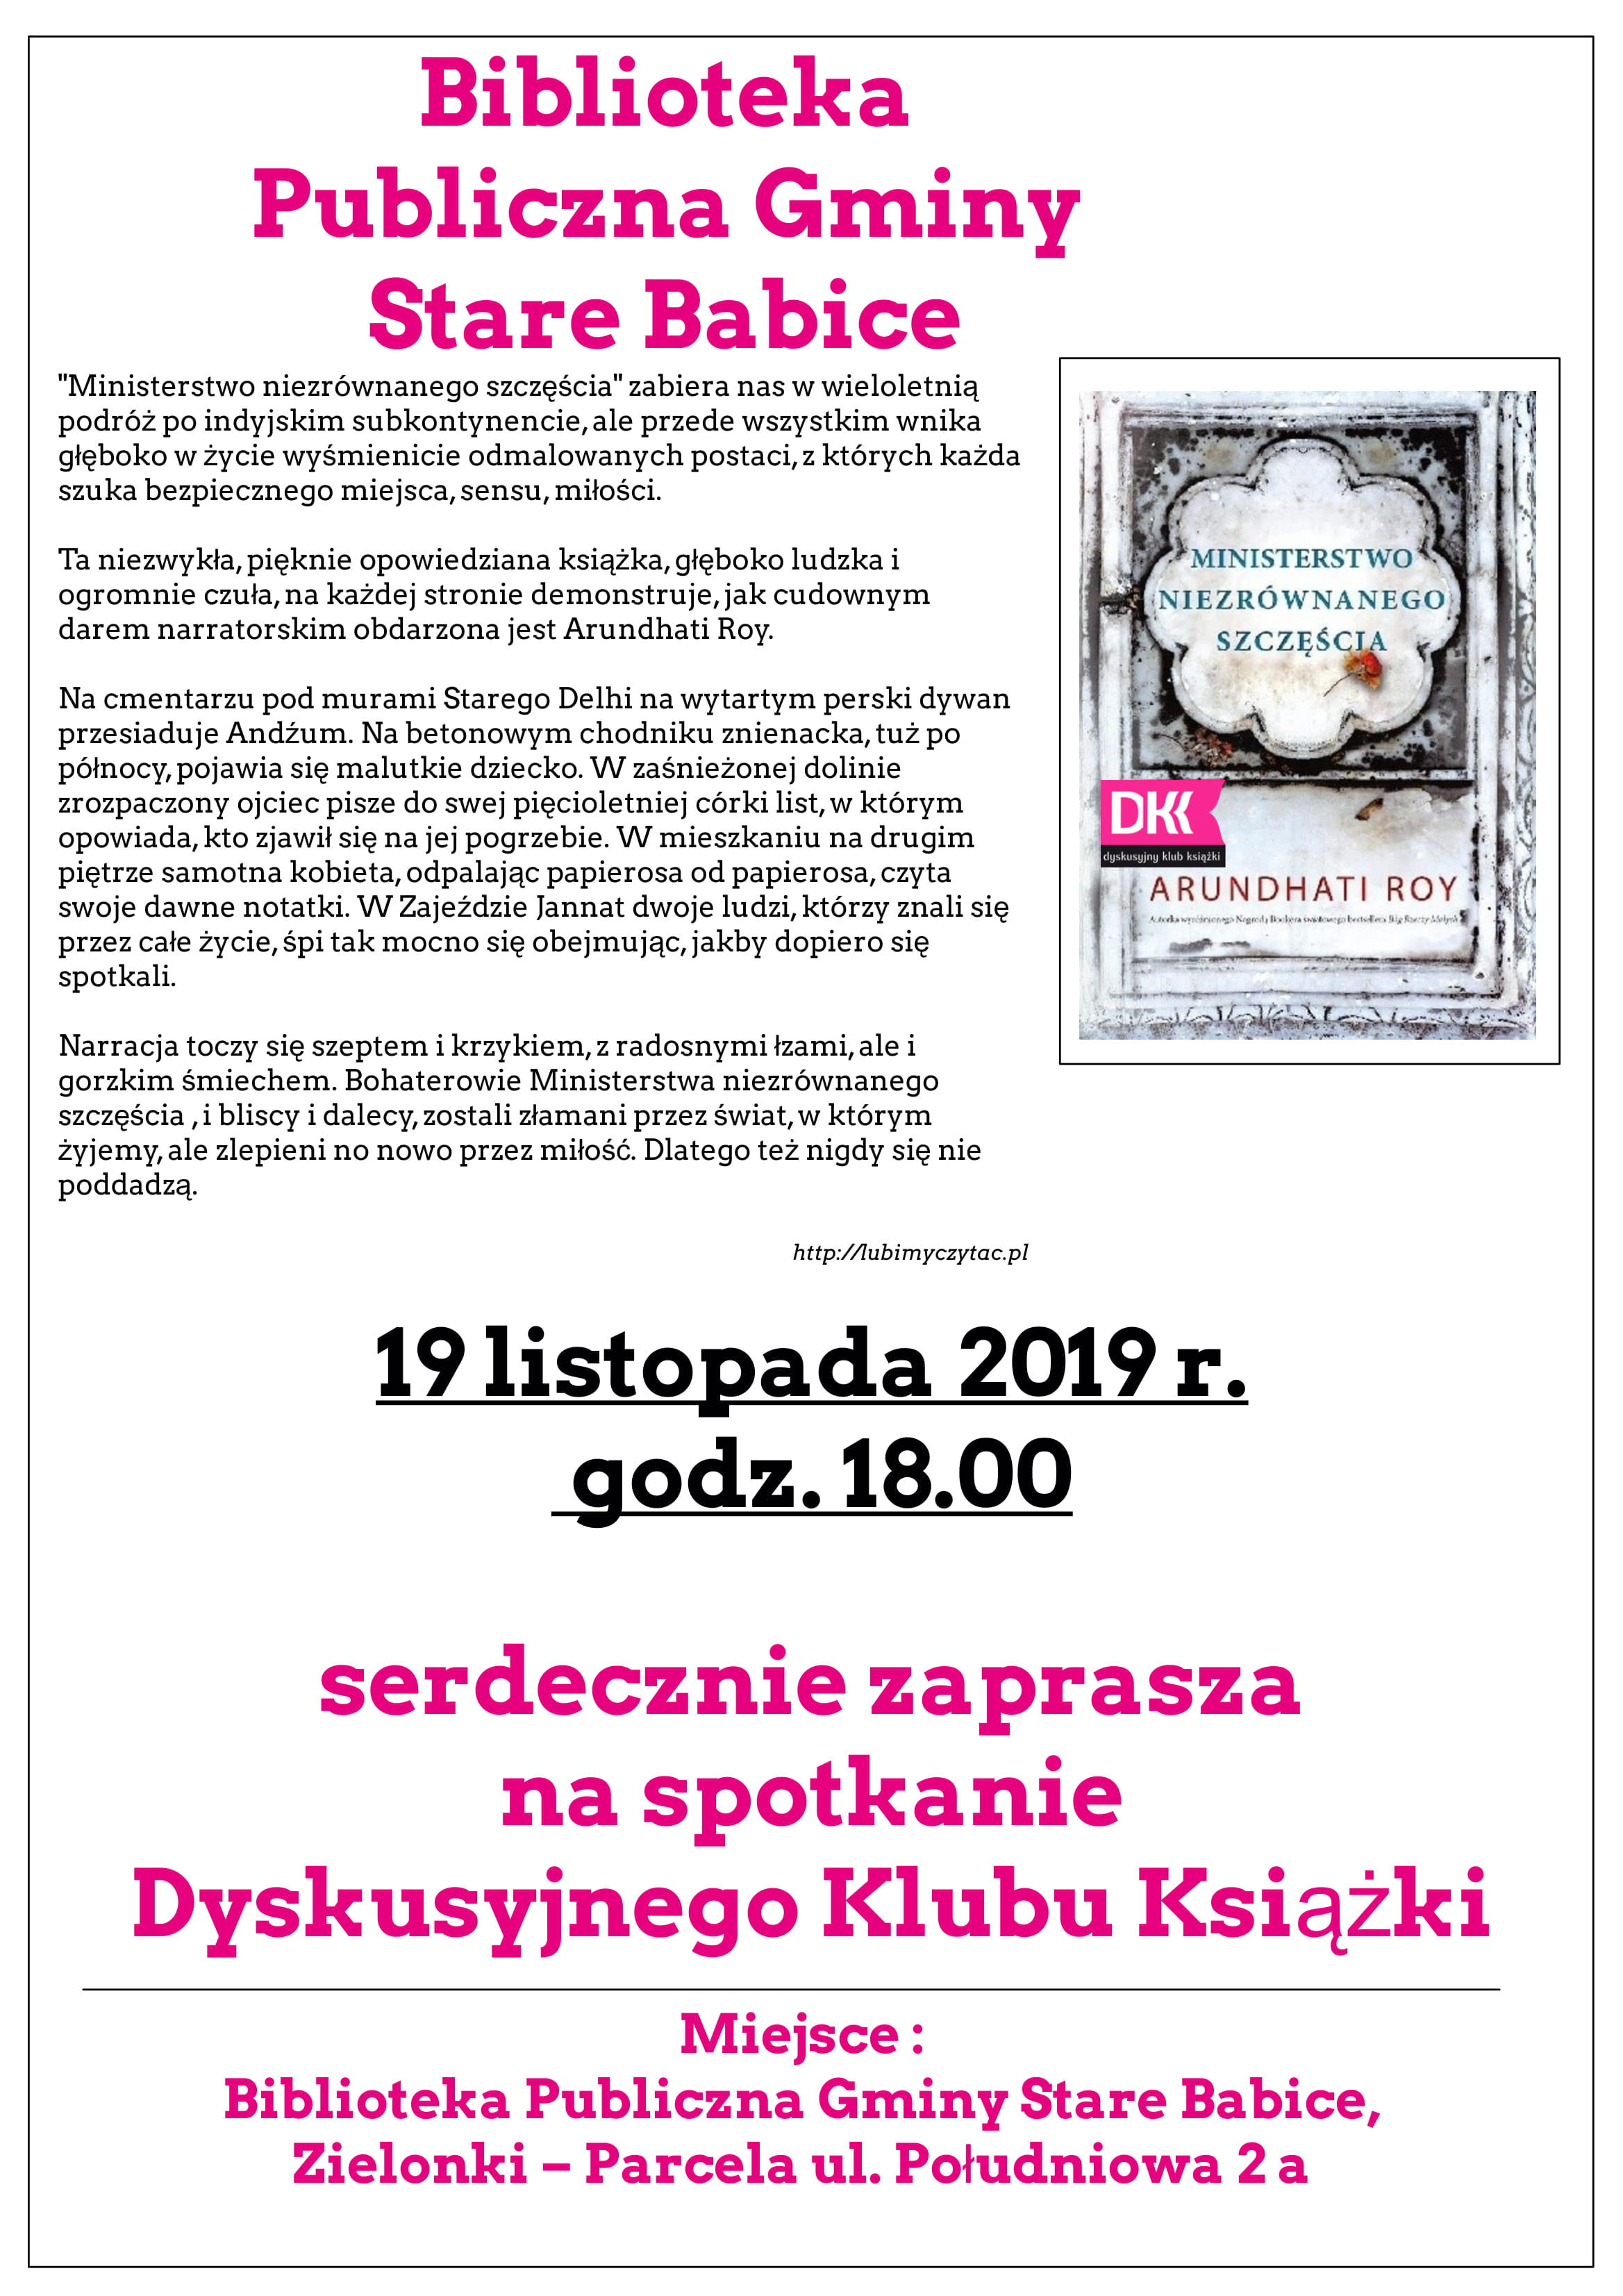 11. spotkanie Dyskusyjnego Klubu Książki